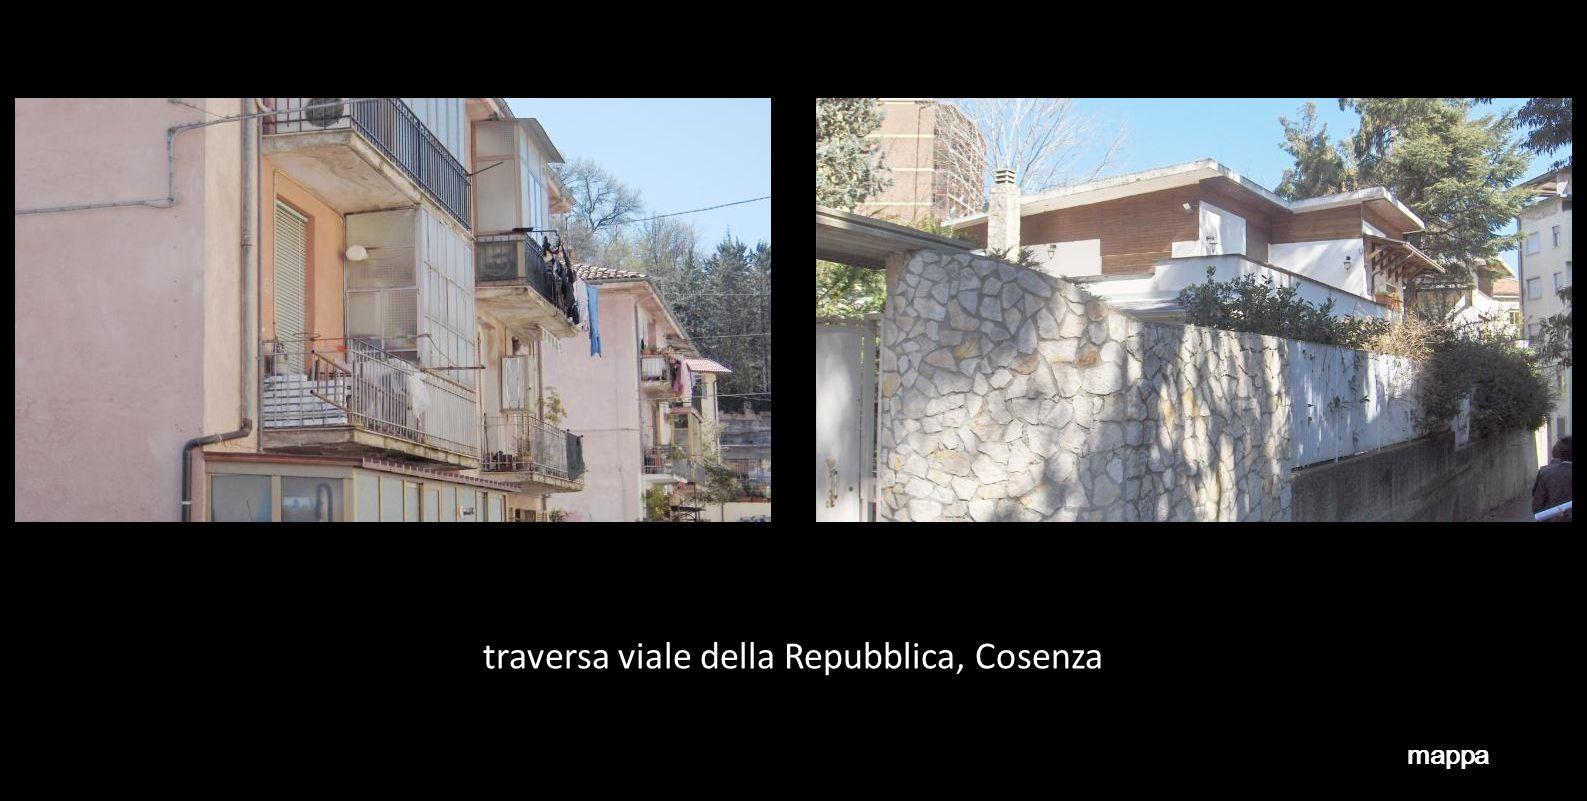 traversa viale della Repubblica, Cosenza